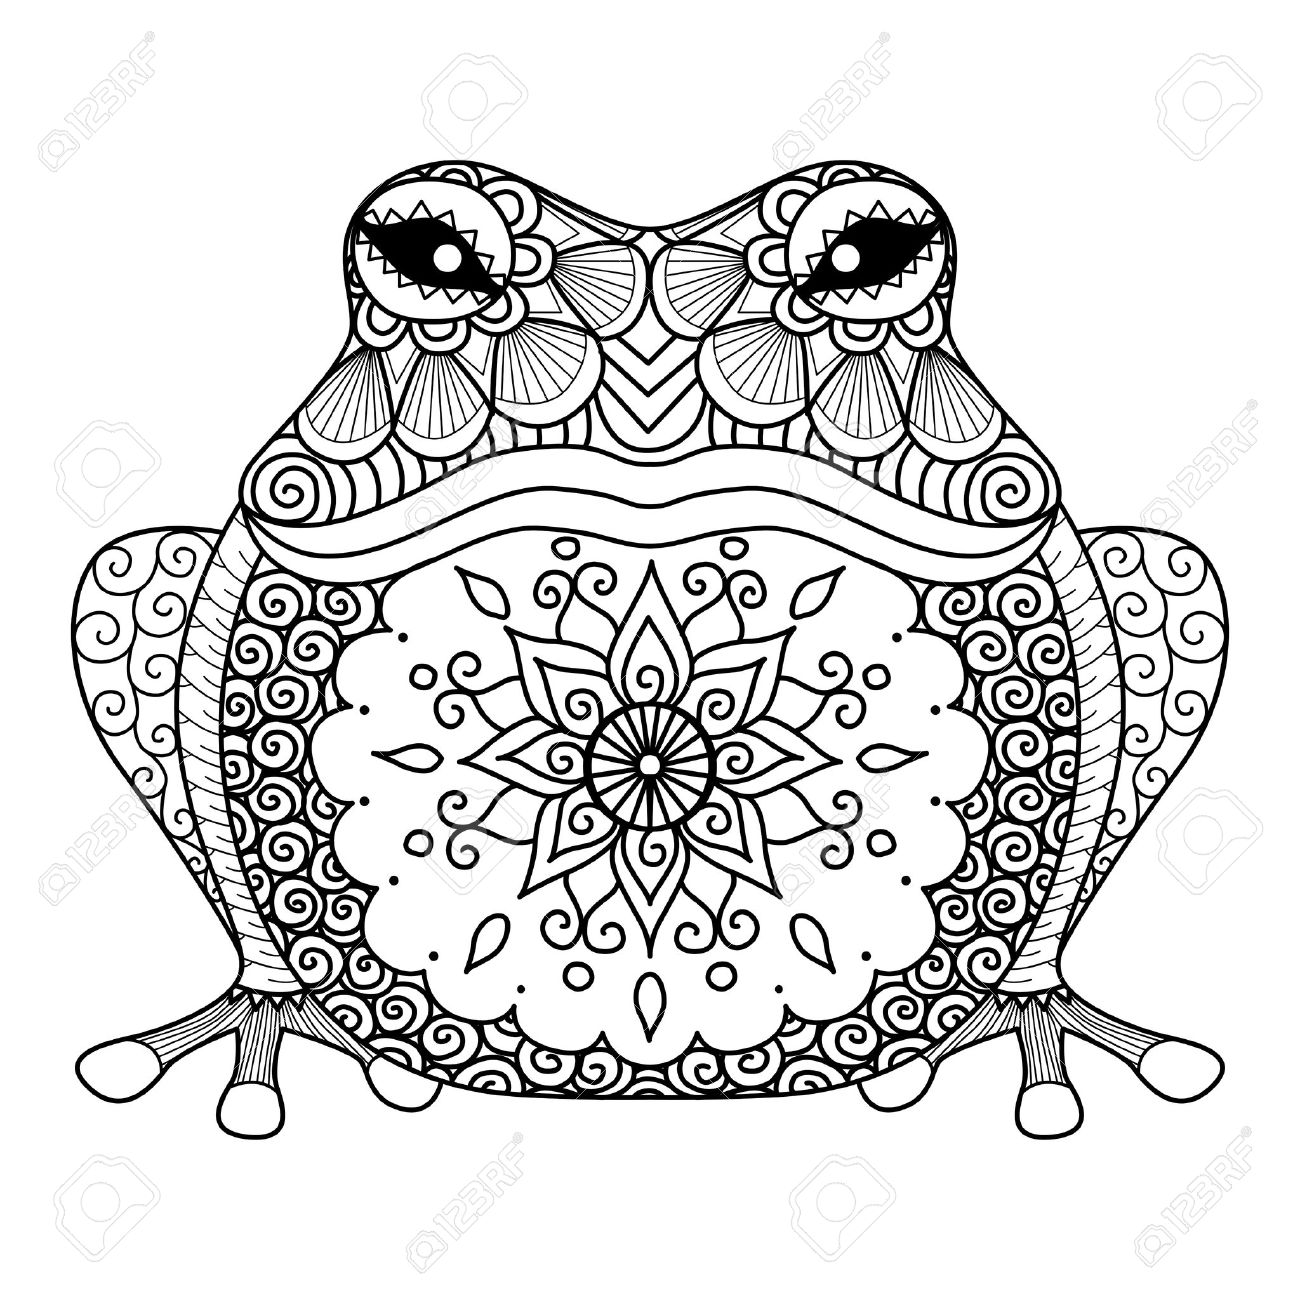 Diseño De La Rana Para Colorear Ilustraciones Vectoriales, Clip Art ...